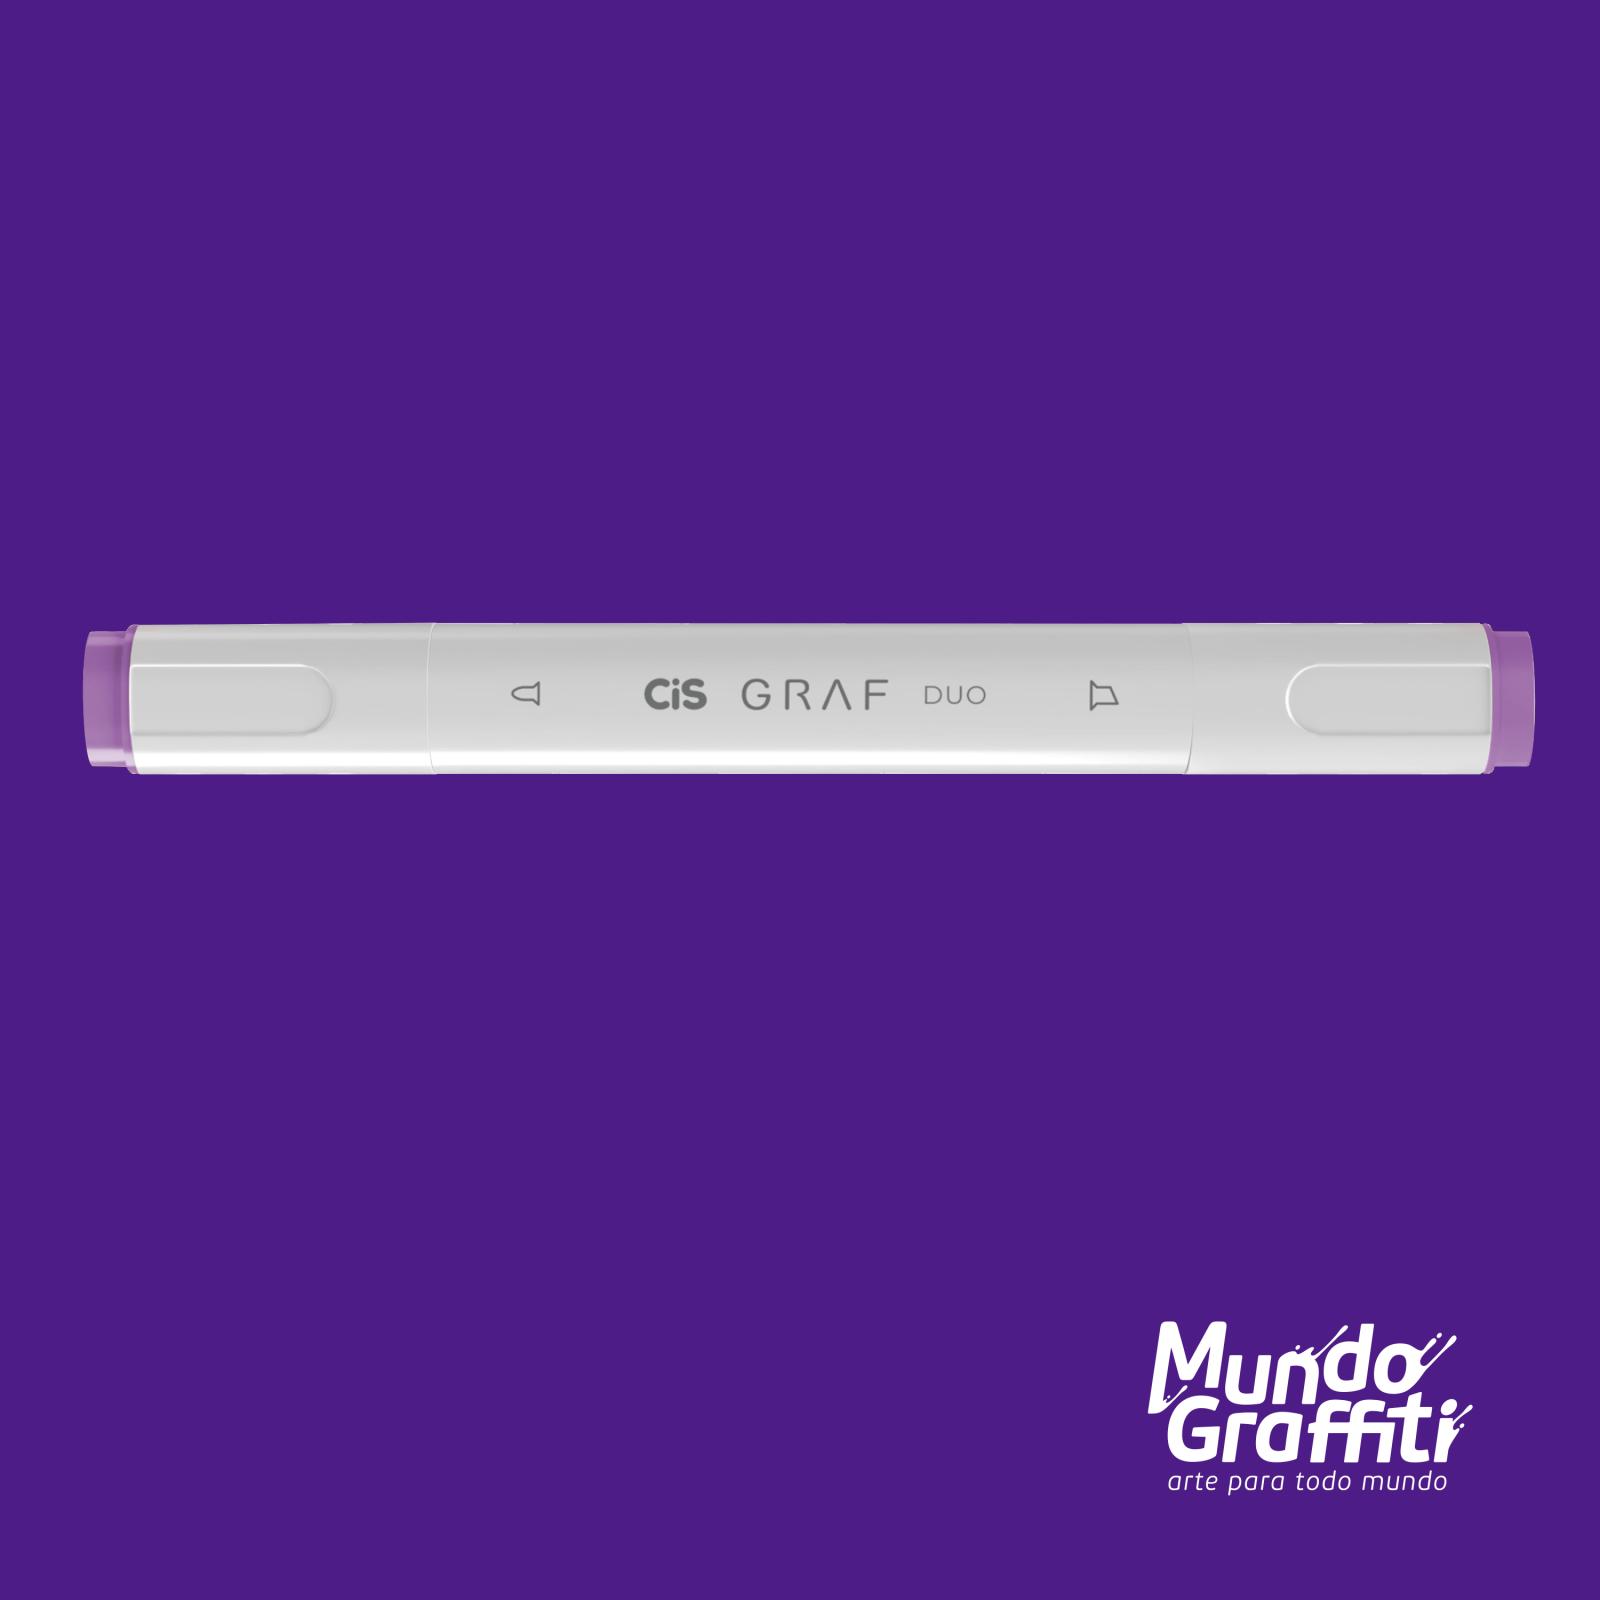 Marcador Cis Graf Duo Light Violet 82 - Mundo Graffiti